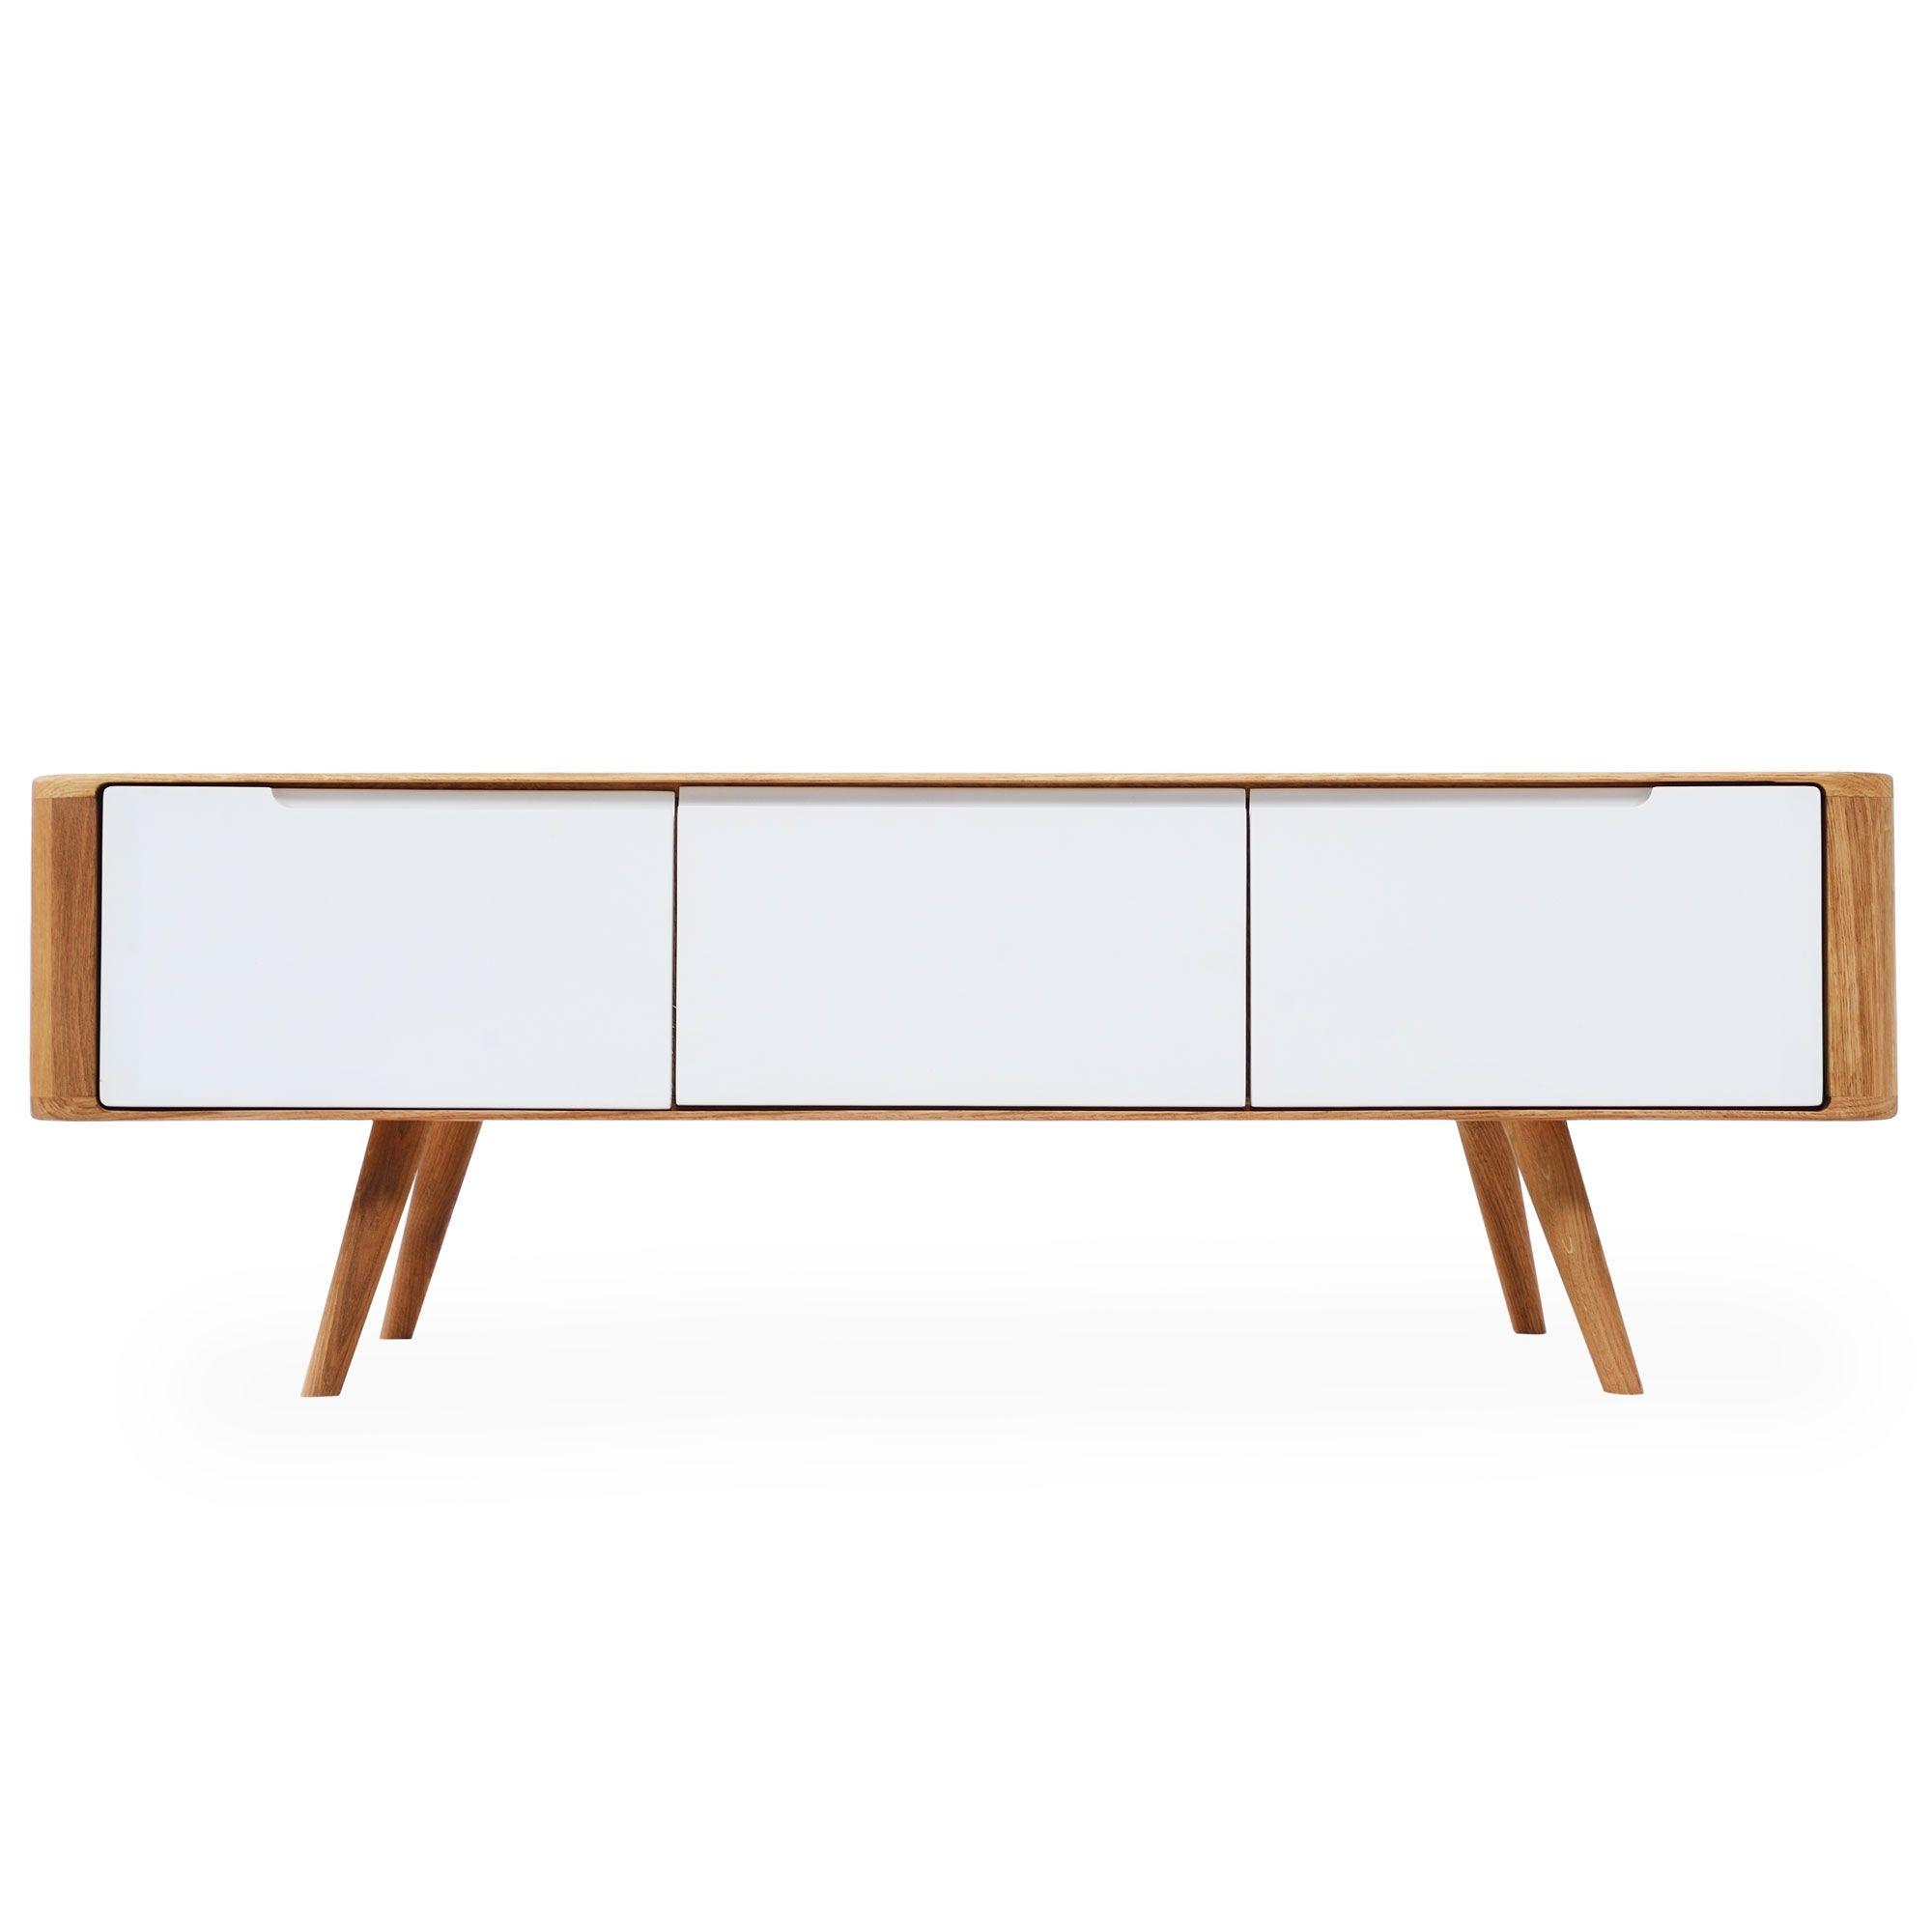 Tv Kast Wit Retro.Gazzda Ena Tv Sideboard Retro Tv Meubel Scandinavisch Design